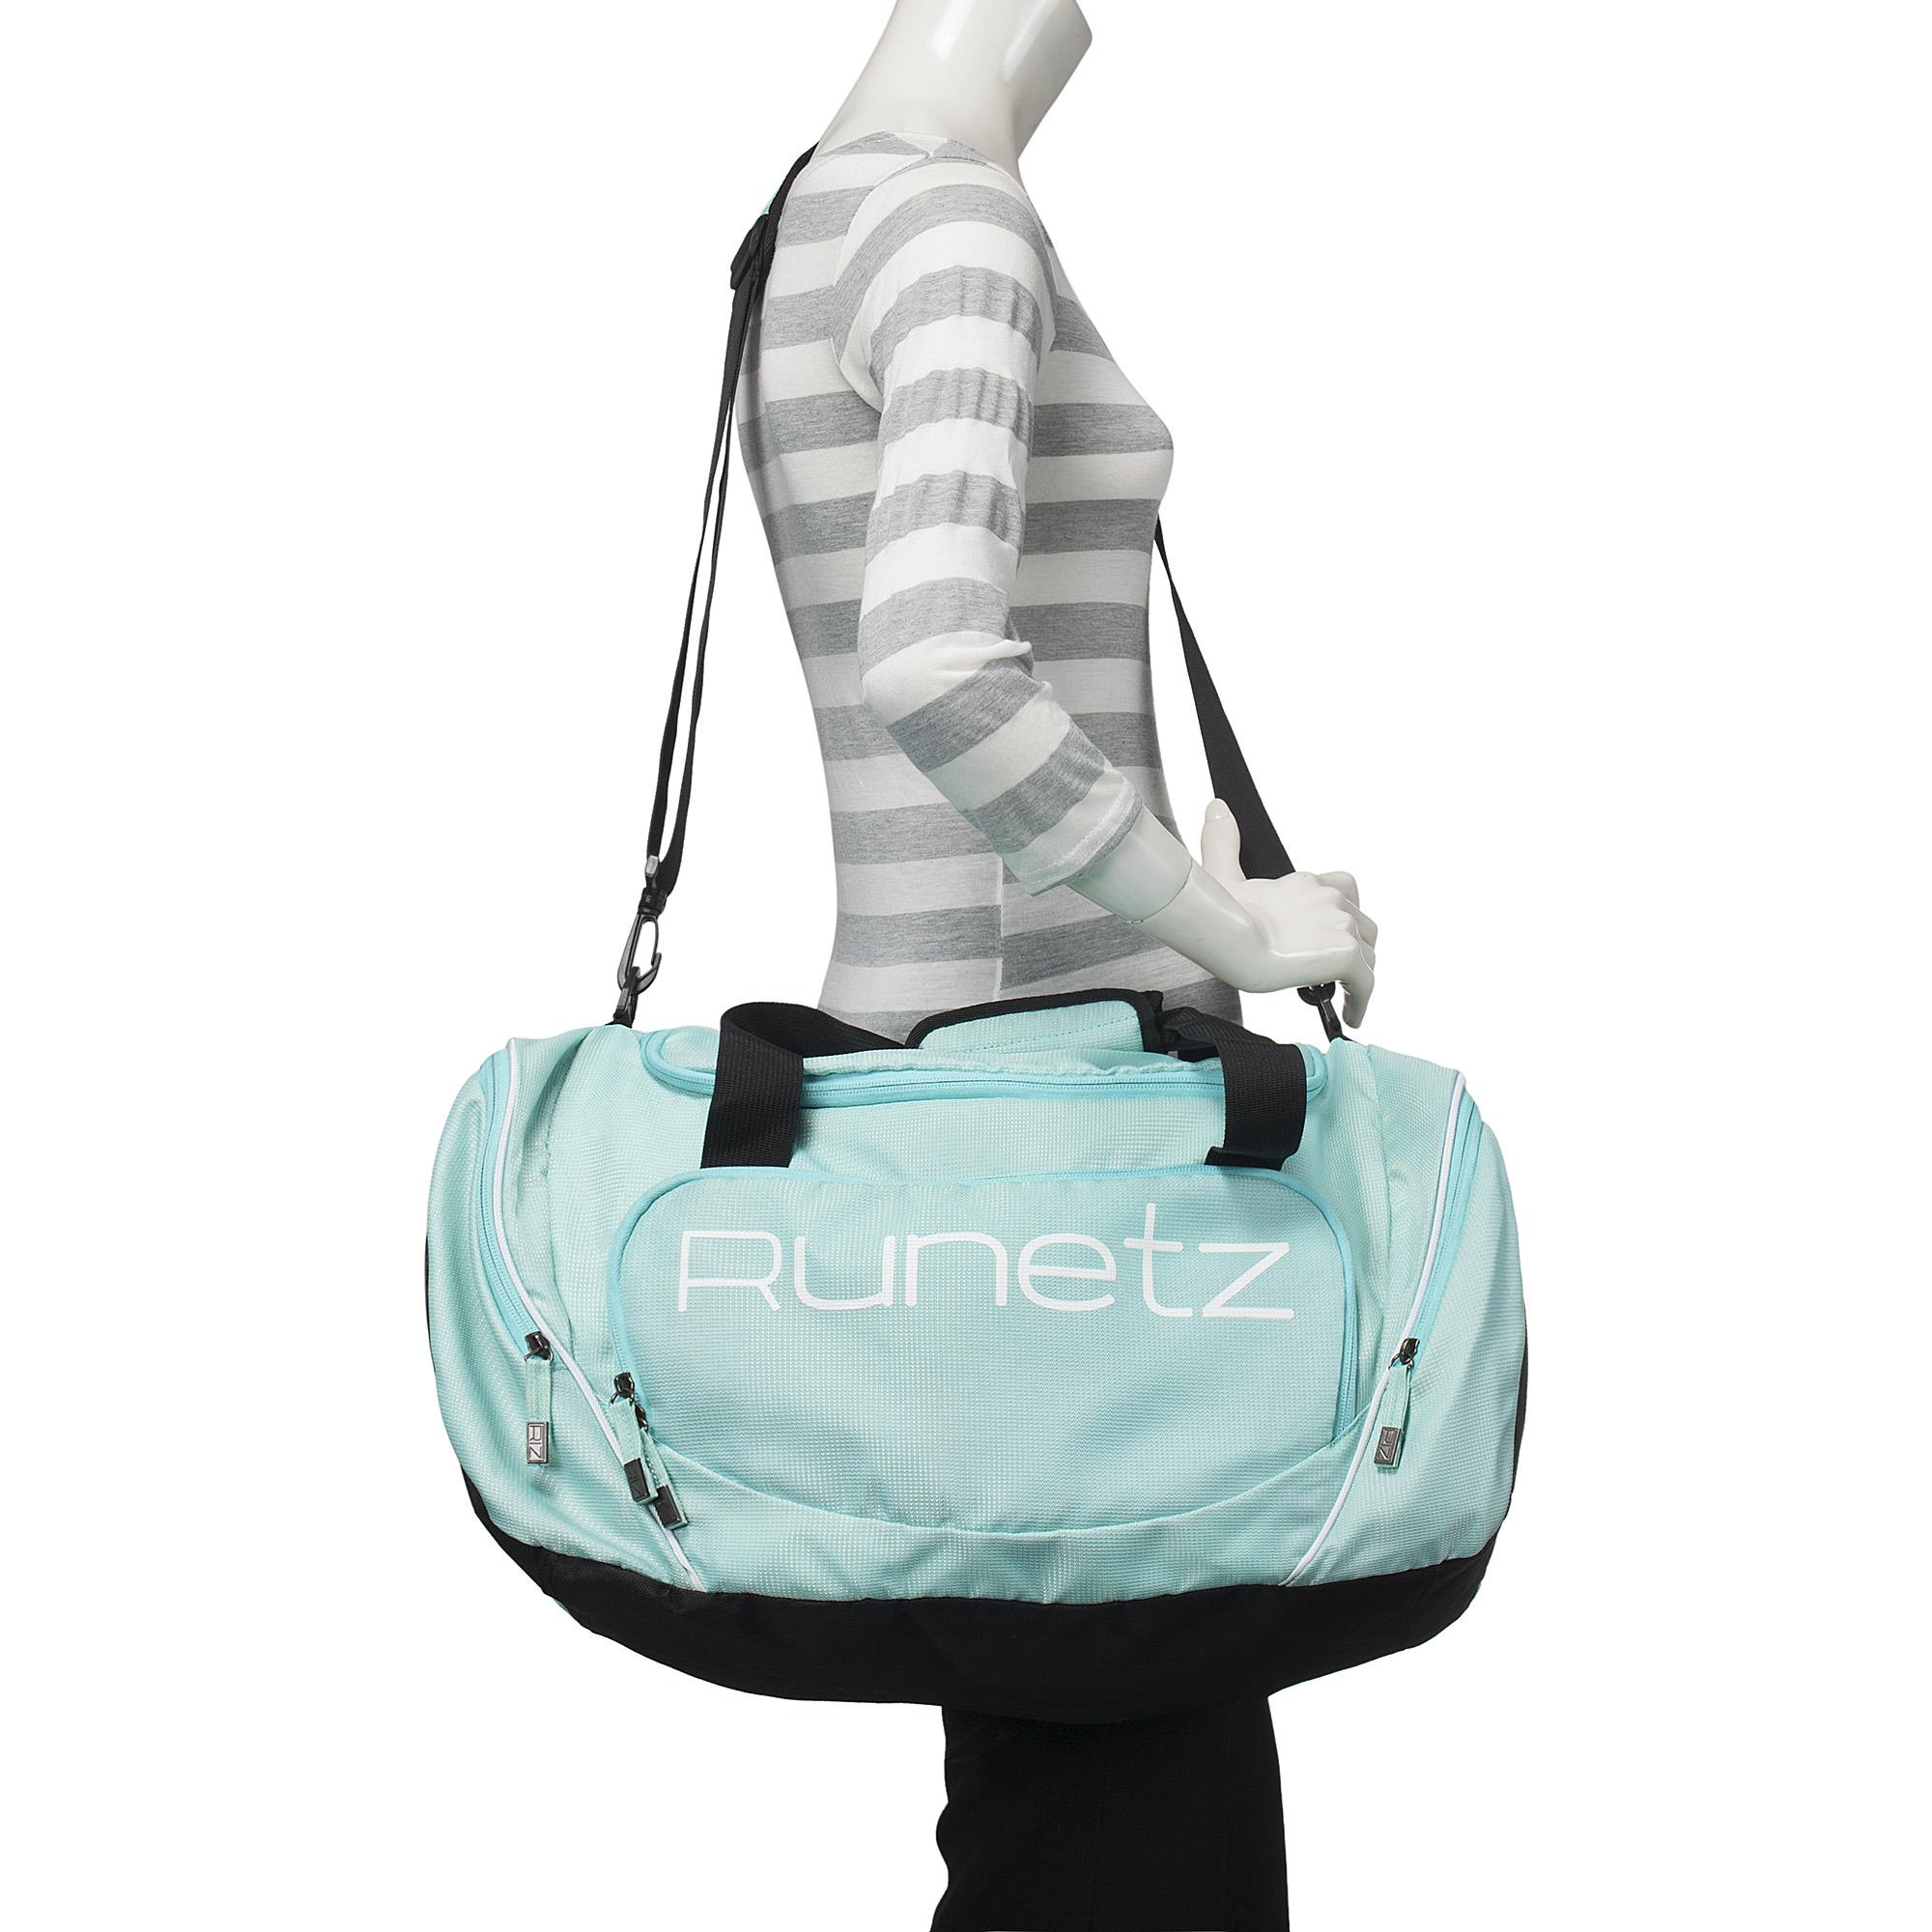 Runetz - Gym Bag Sport Shoulder Bag for Men   Women Duffel 20-inch Large d207e1d182